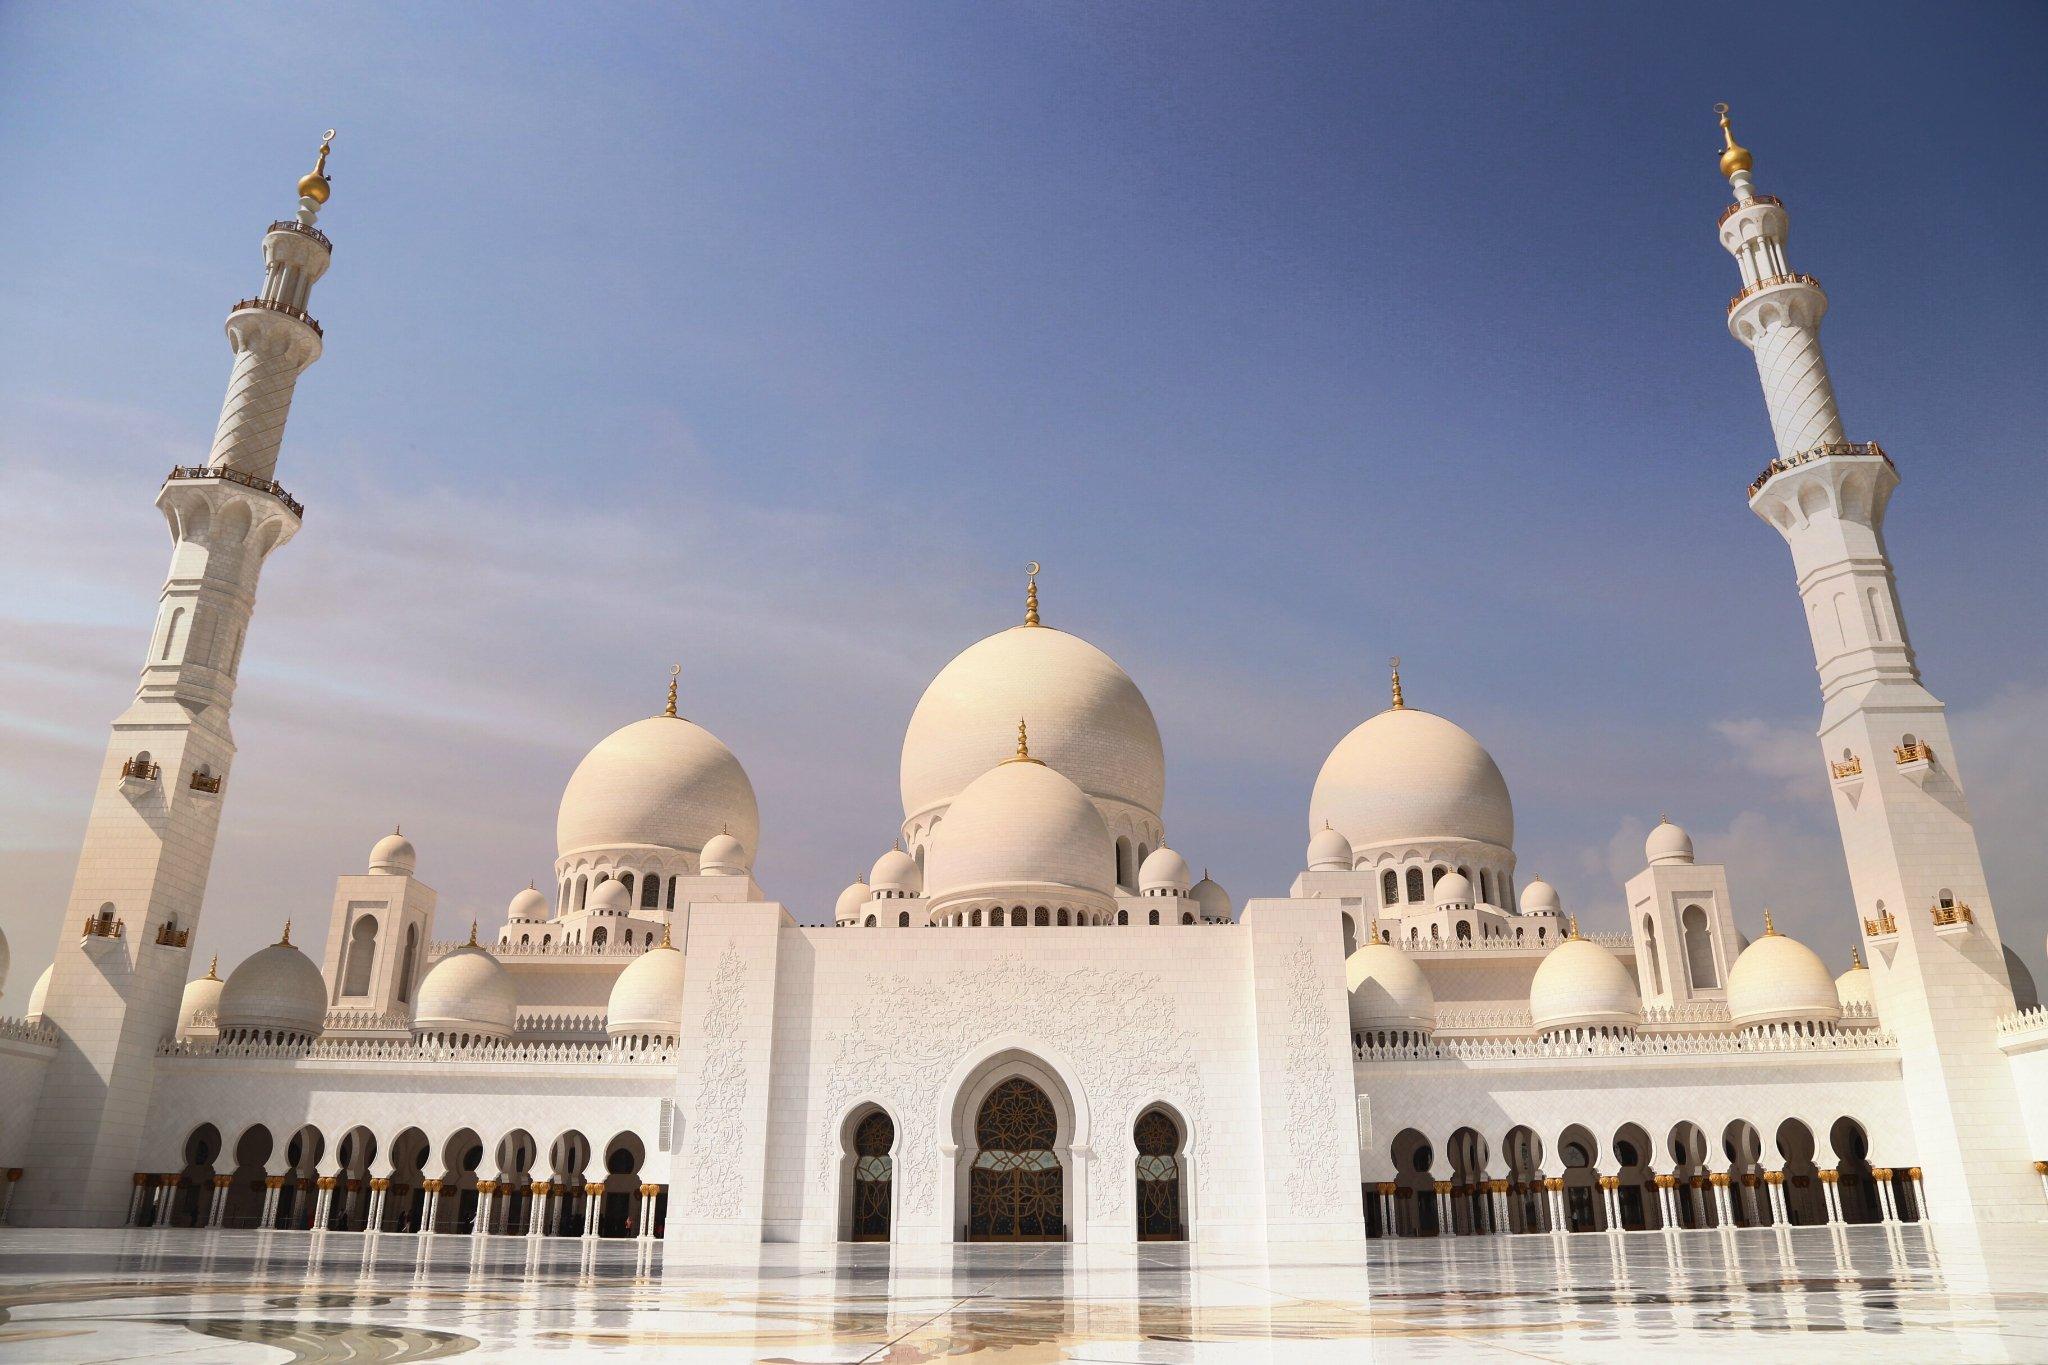 【颠覆我对你最初的印象,原来你还有着不为人知的一面】迪拜、阿布扎比5天亲子自驾